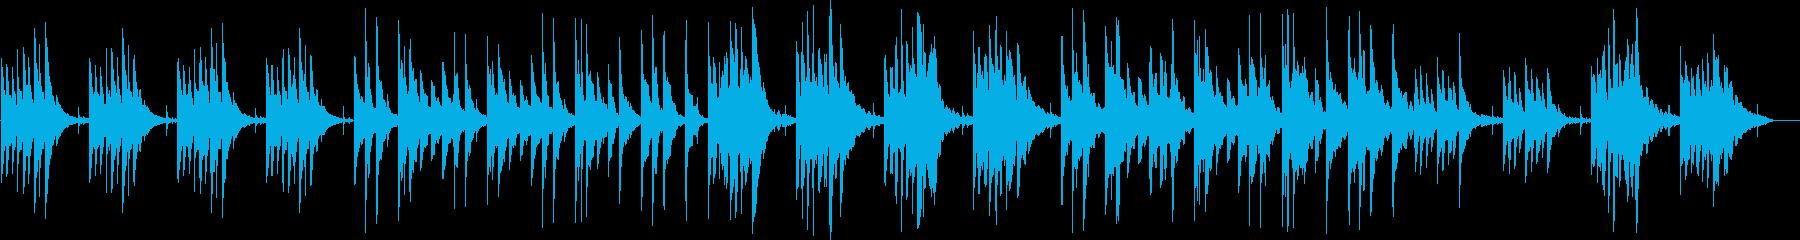 静かなピアノのリラクゼーション曲の再生済みの波形